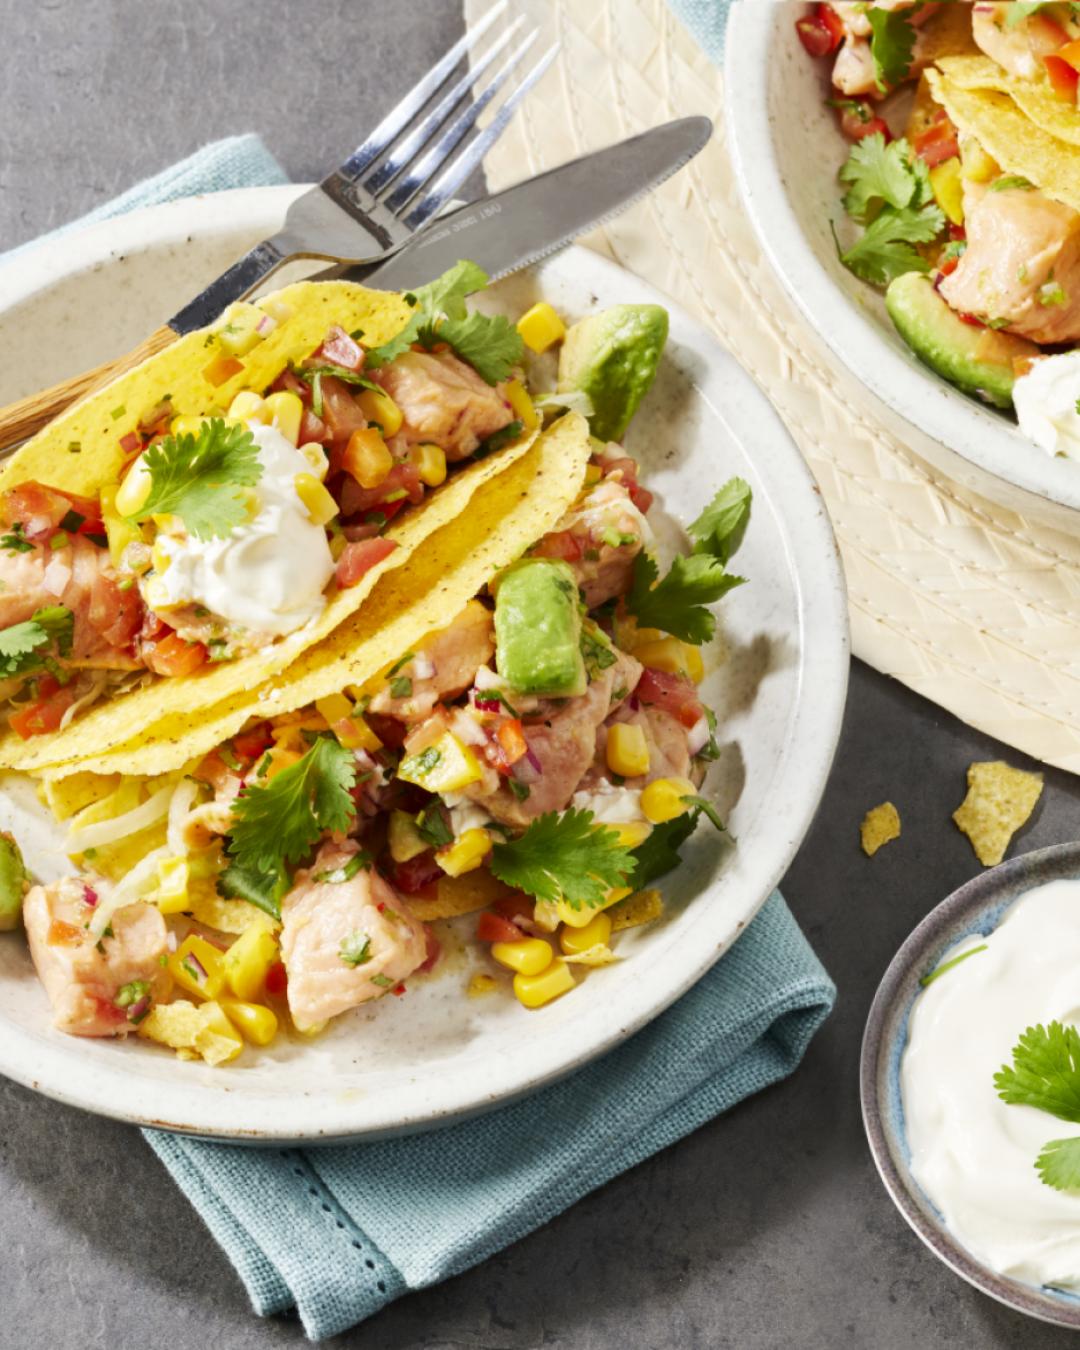 Taco shells gevuld met een ceviche van gemarineerde zalmfilet en groente